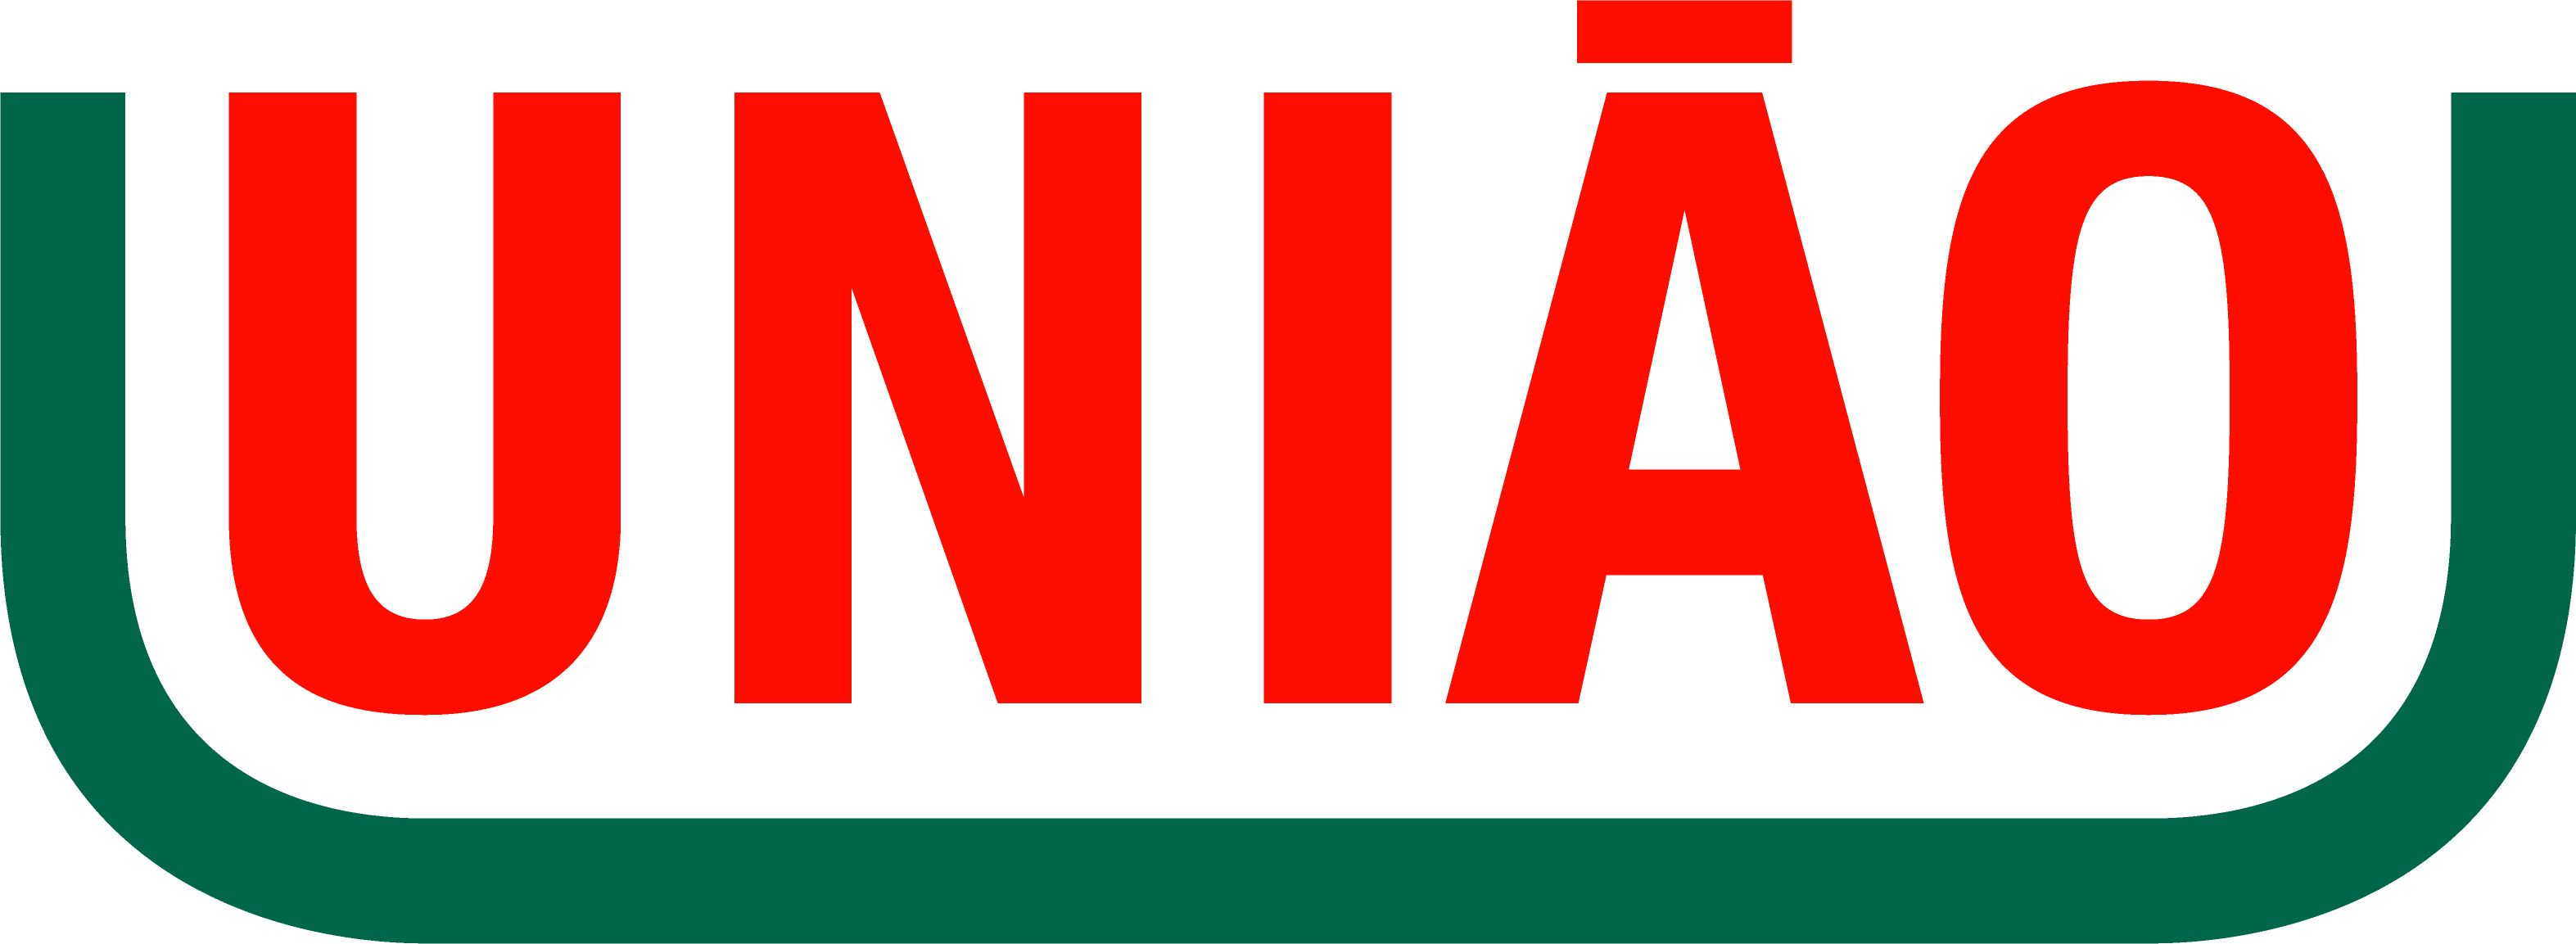 logomarca-unic3a3o-quadrada-atual1